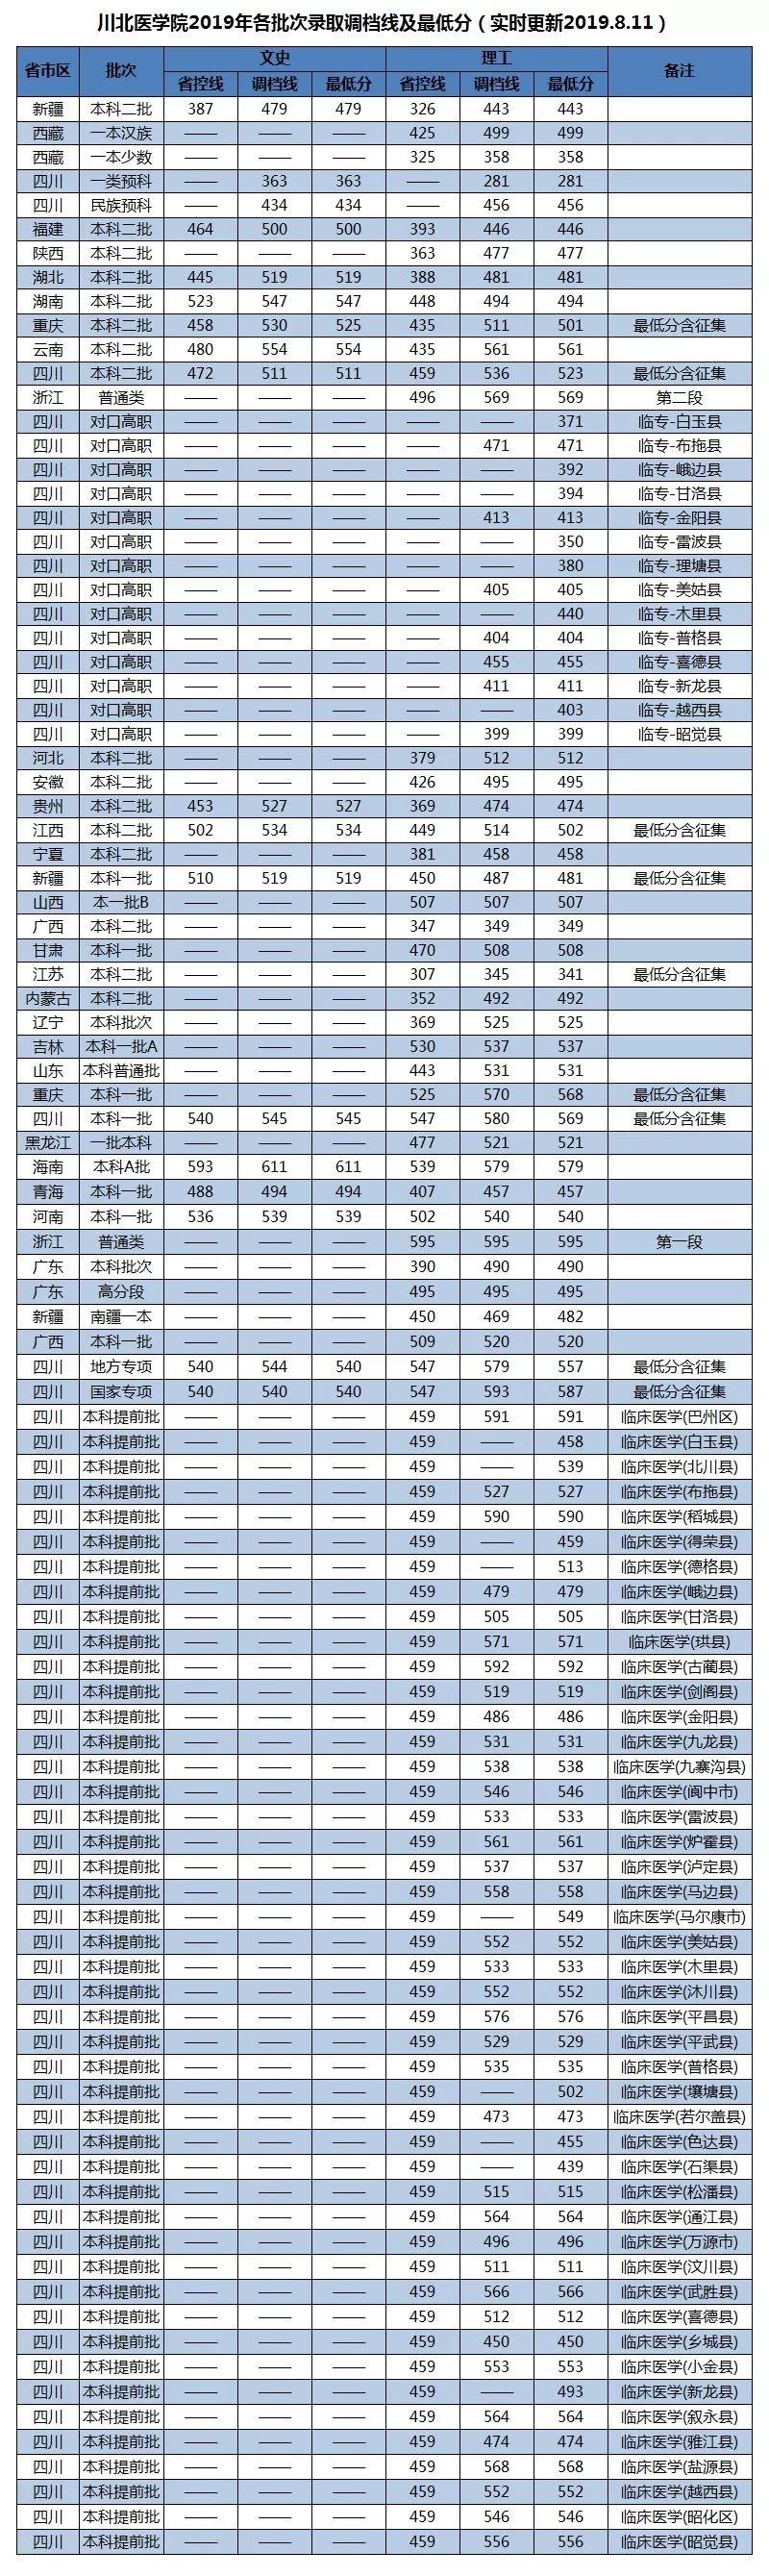 愹�m9`mh�ވz�h��_信息来源:学生工作部 编辑/排版:李梓阳 责任编辑:肖镒希 审查:陈飞